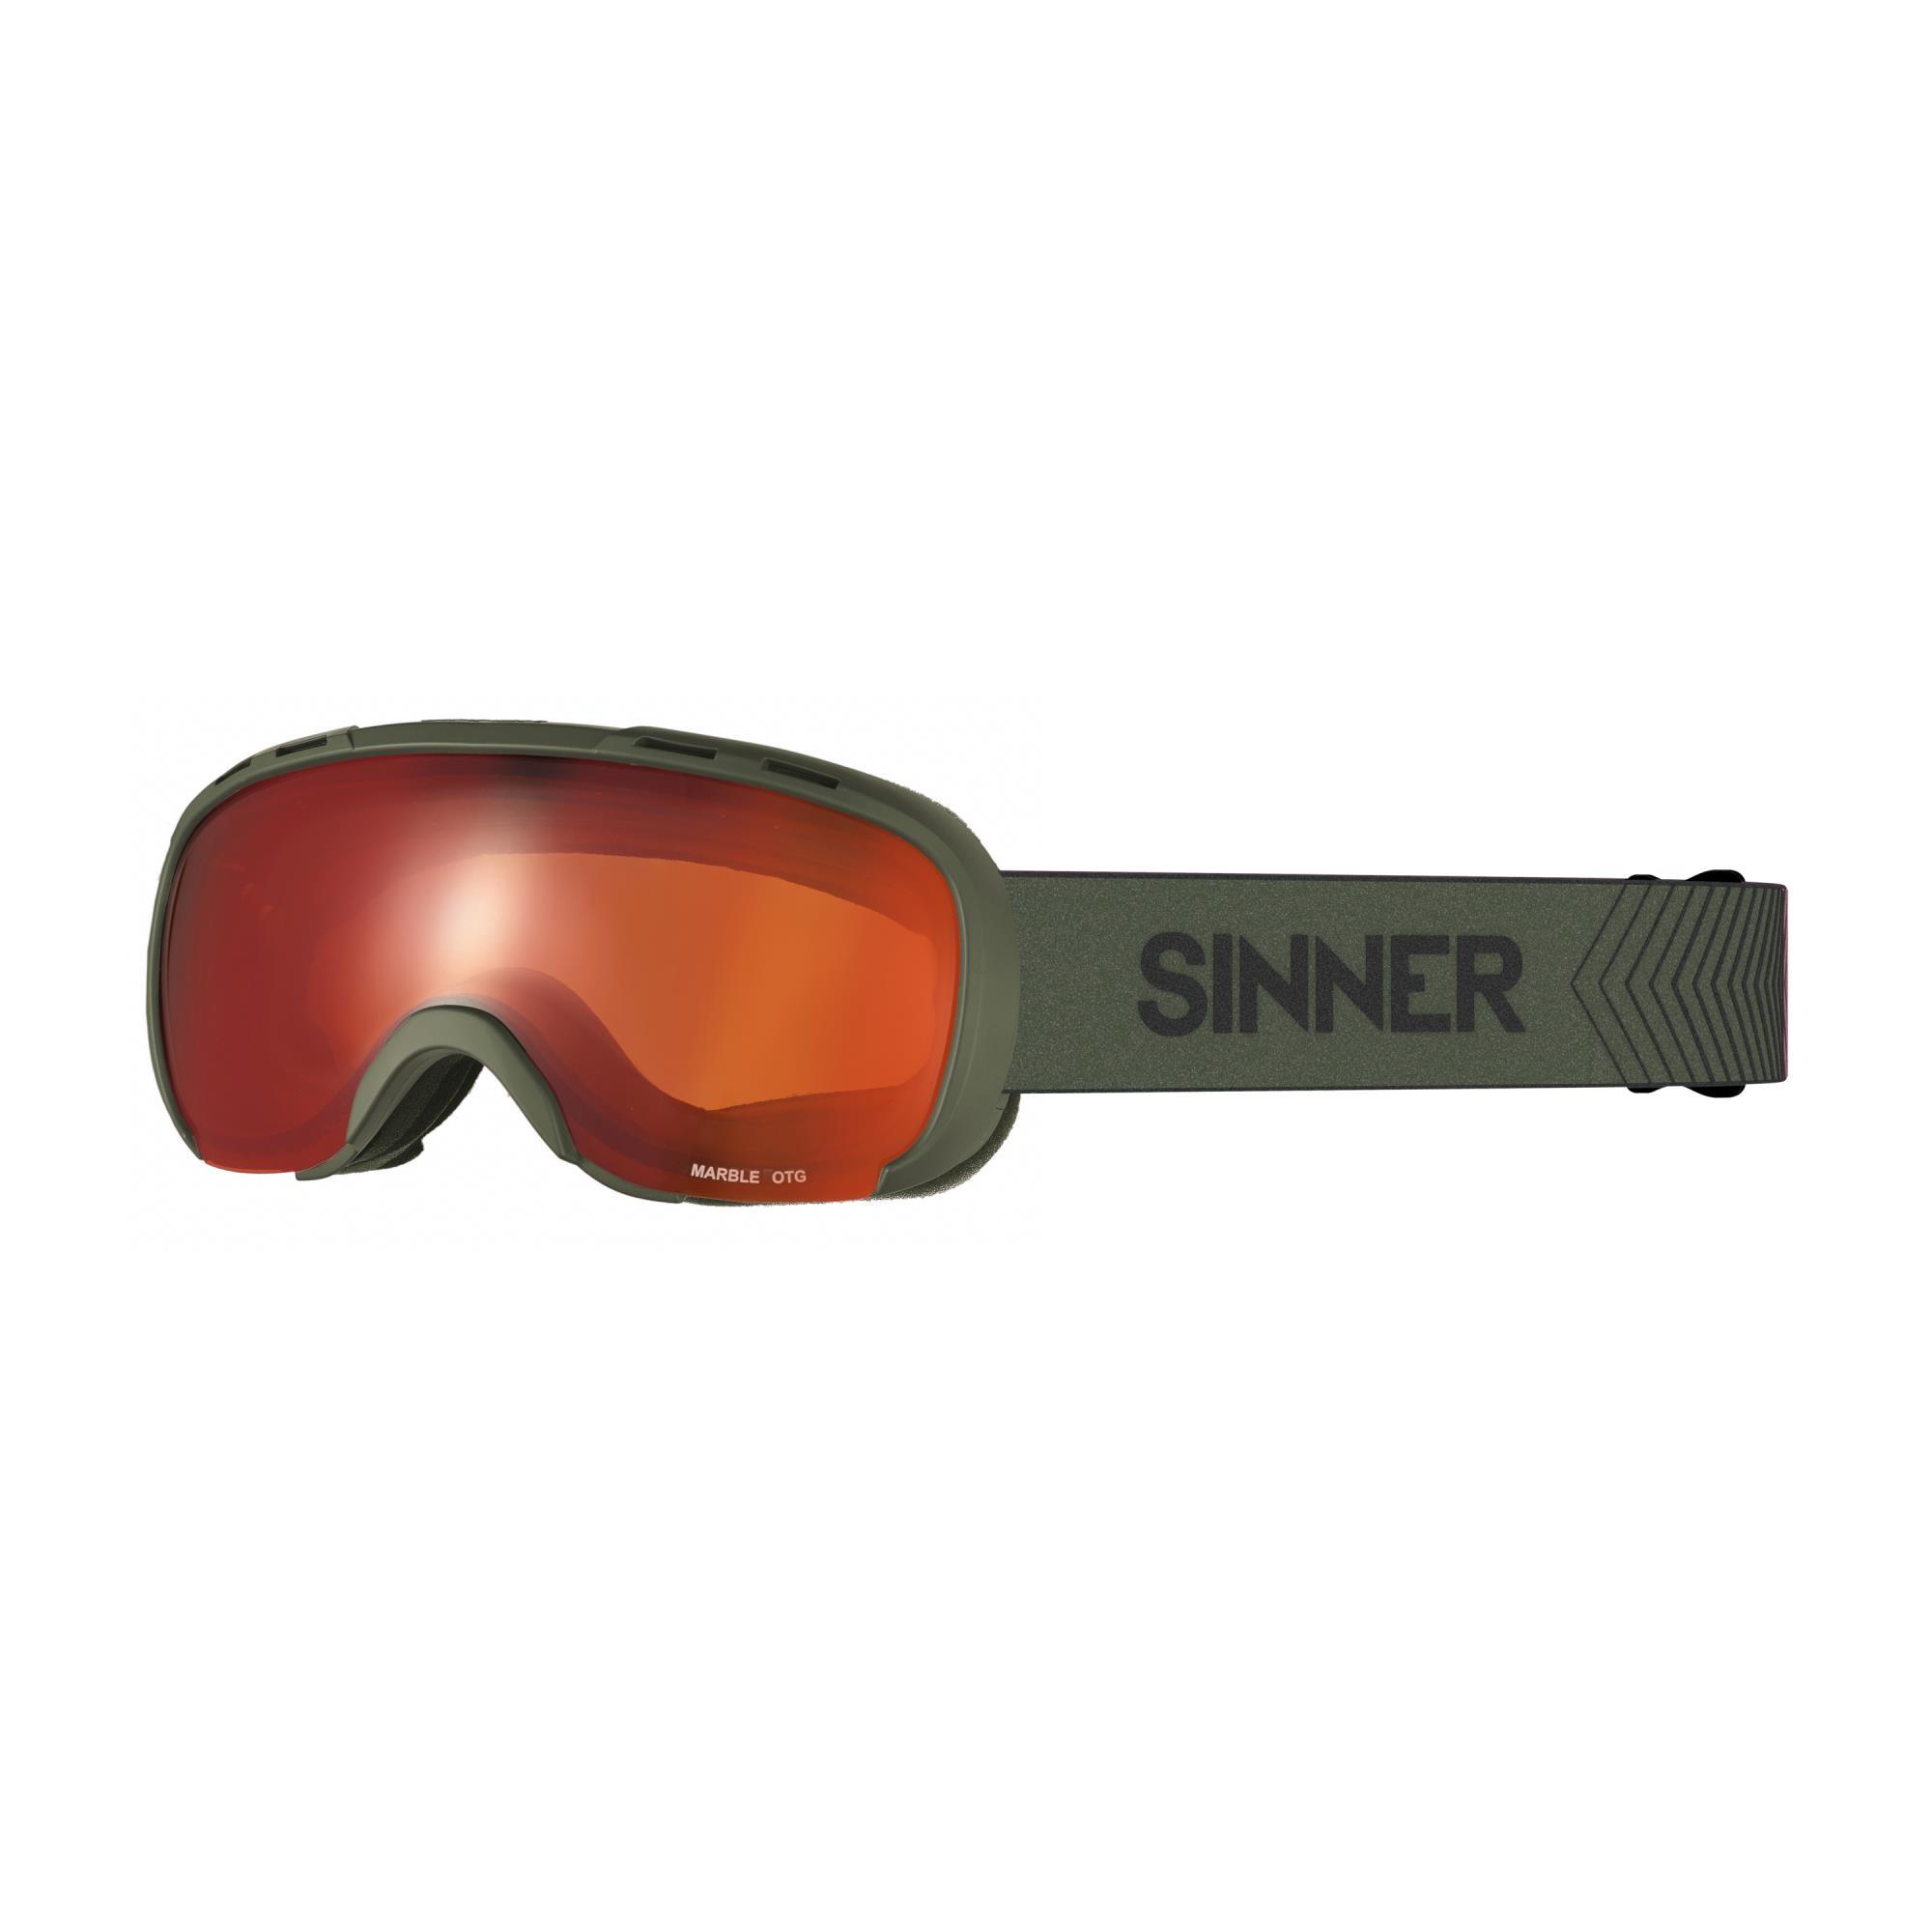 Sinner Marble Skibril Otg - Mat Mosgroen - Rode Spiegellens